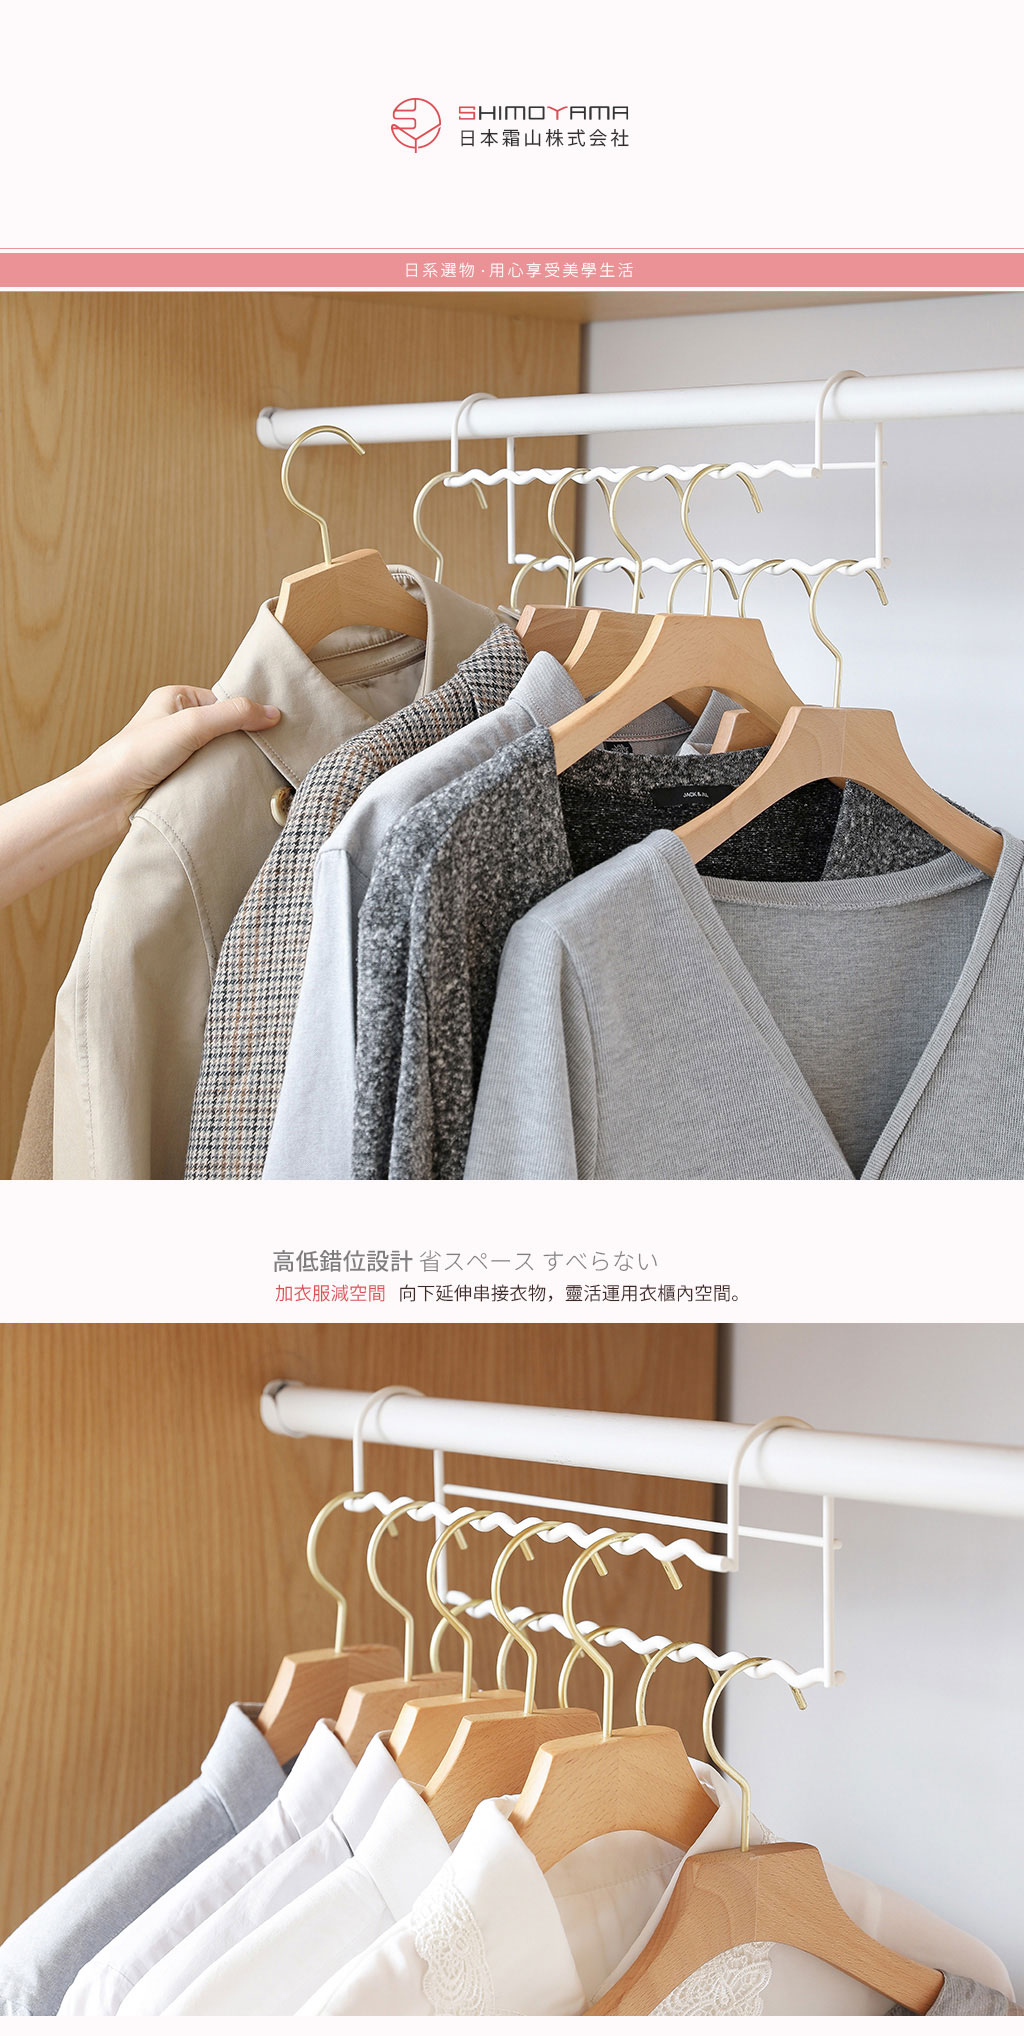 日本霜山 高低錯位衣櫃掛桿金屬掛衣架 (2入)